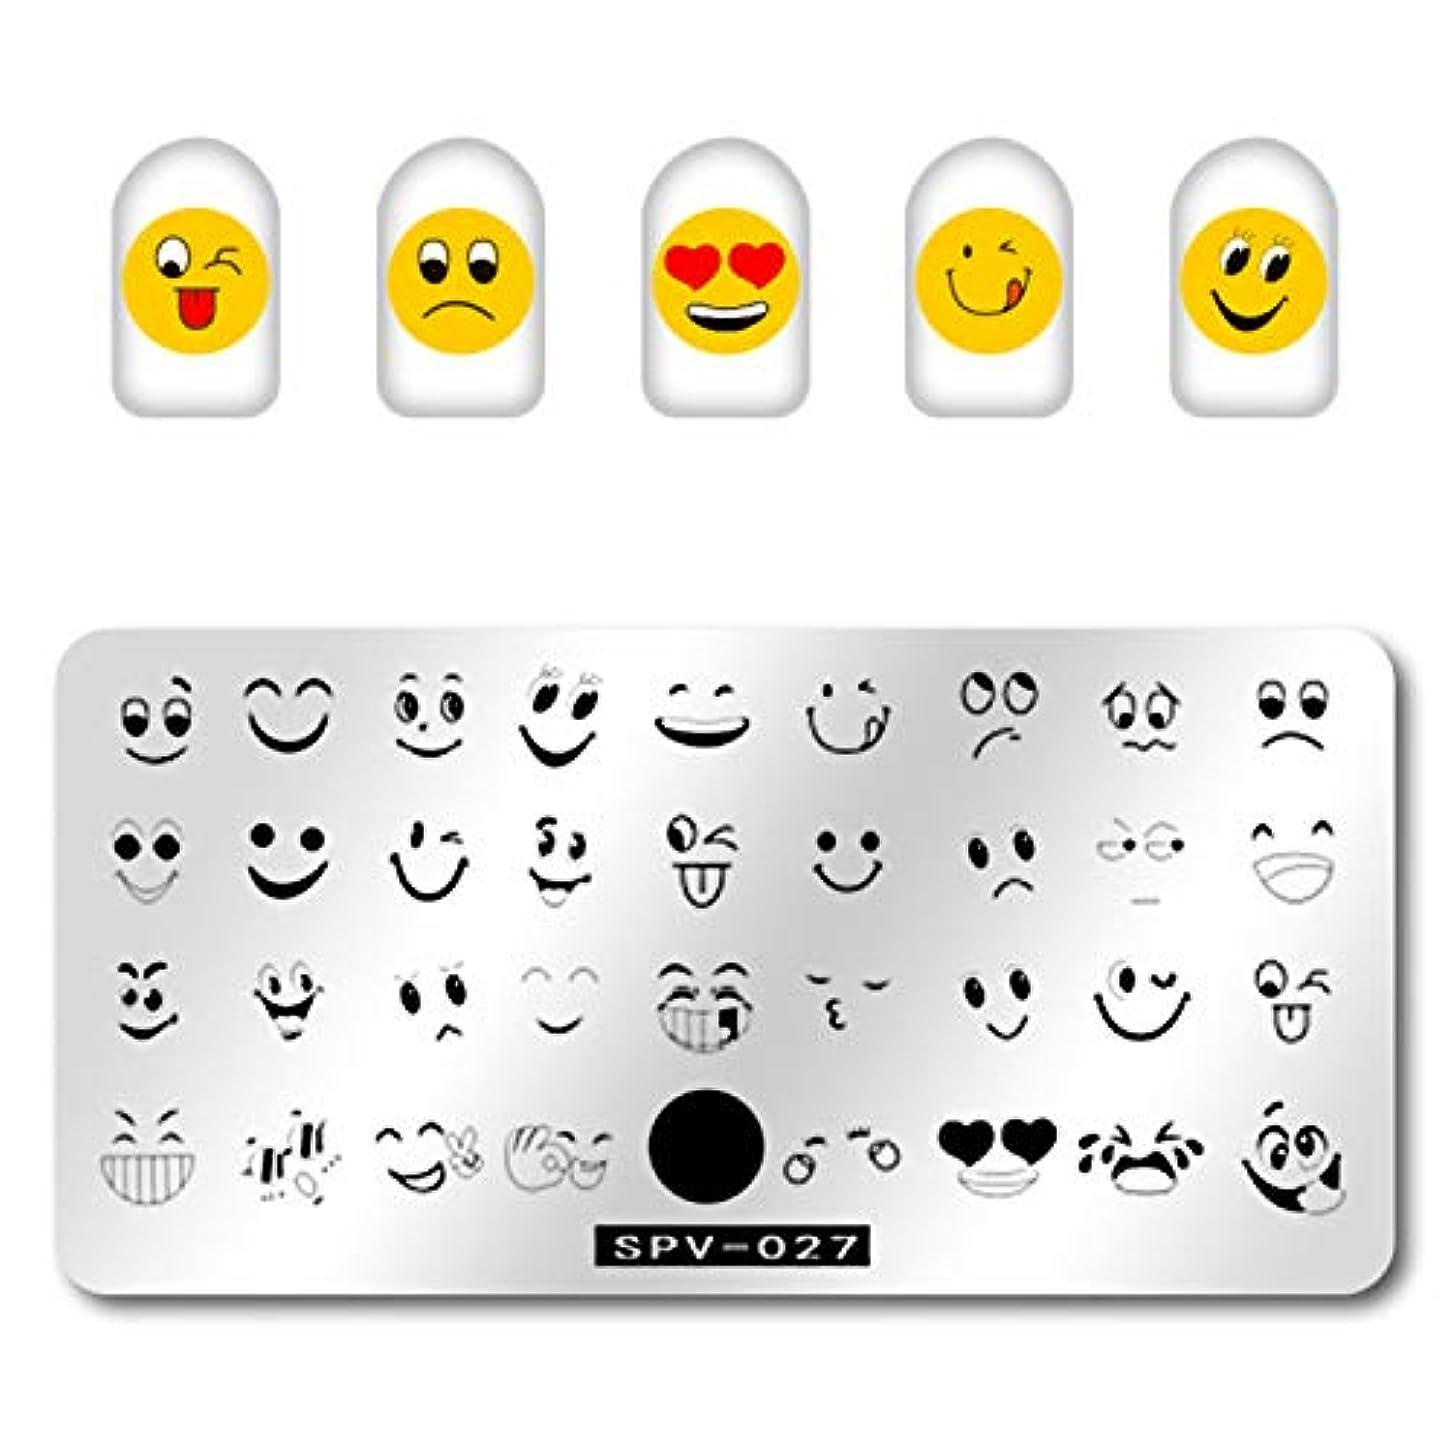 割り込み不正ホールOU-Kunmlef 1Pcs New Stainless Steel Flower Emoji Star DIY Nail Art Image Stamp Stamping Plates Manicure Template Nail Stamping Plates(None one size H07)